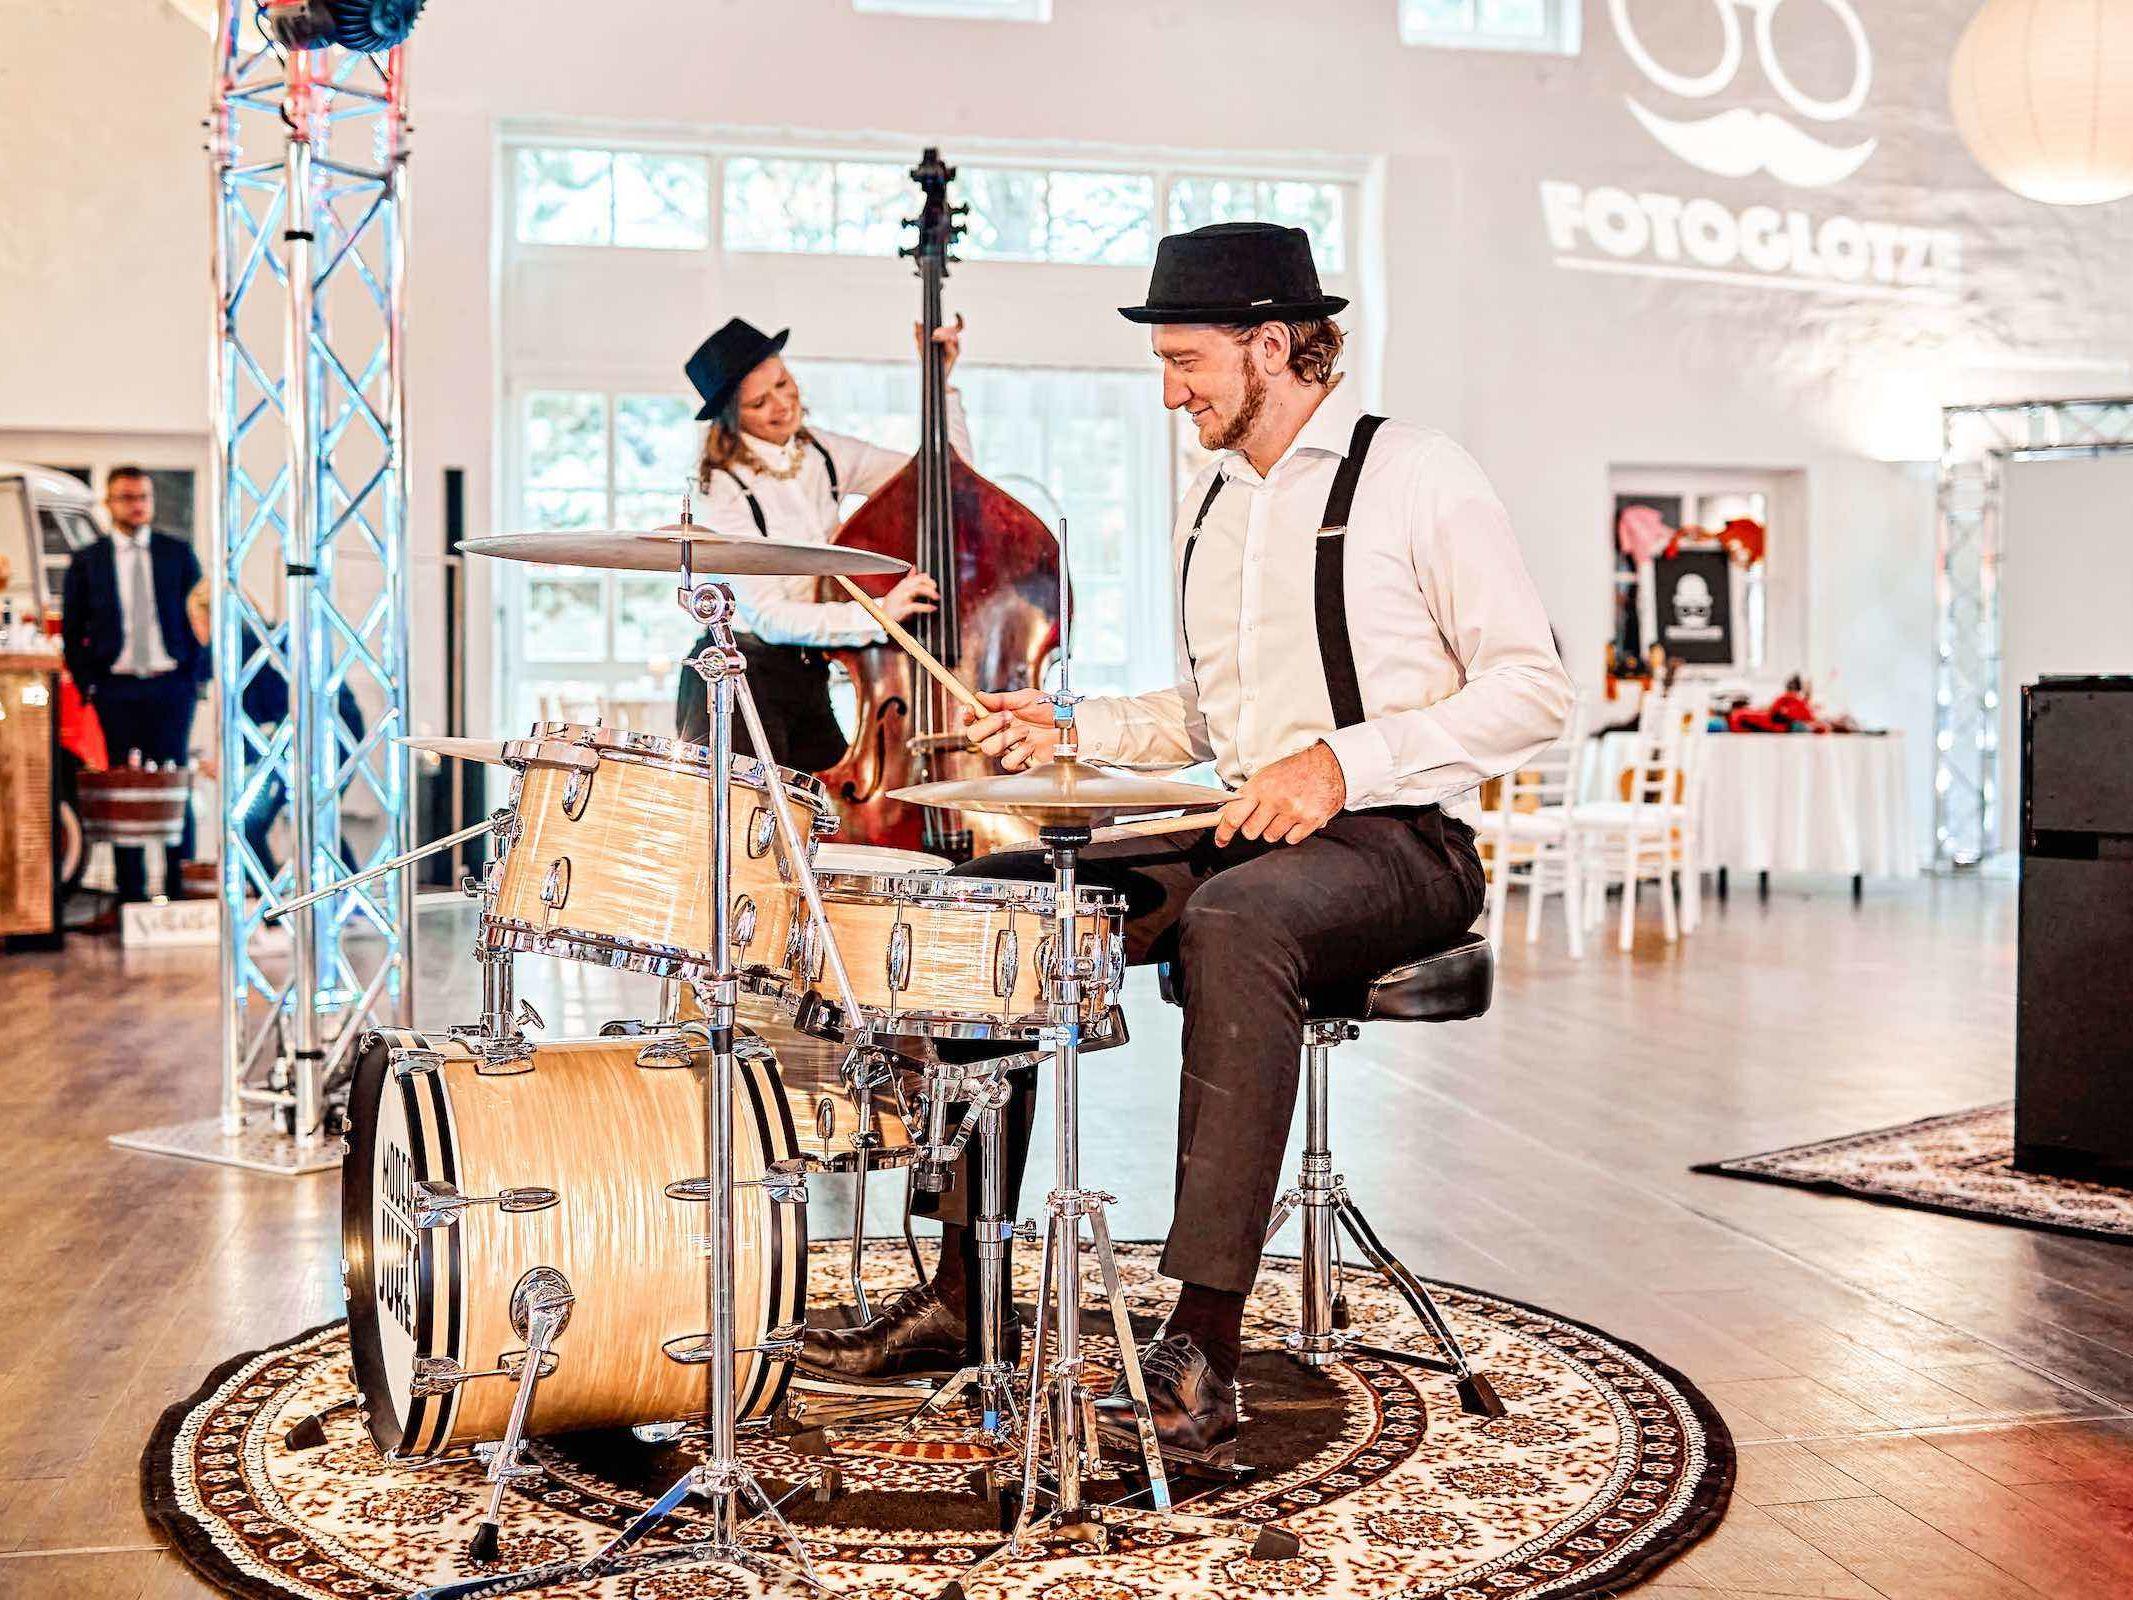 Band | Hochzeit | Hannover | Popband | Partyband | Sektempfang | Party | Trauung | Schlagzeug | Kontrabass | Dinner | Buchen | Mieten | Lehmann | Eventservice